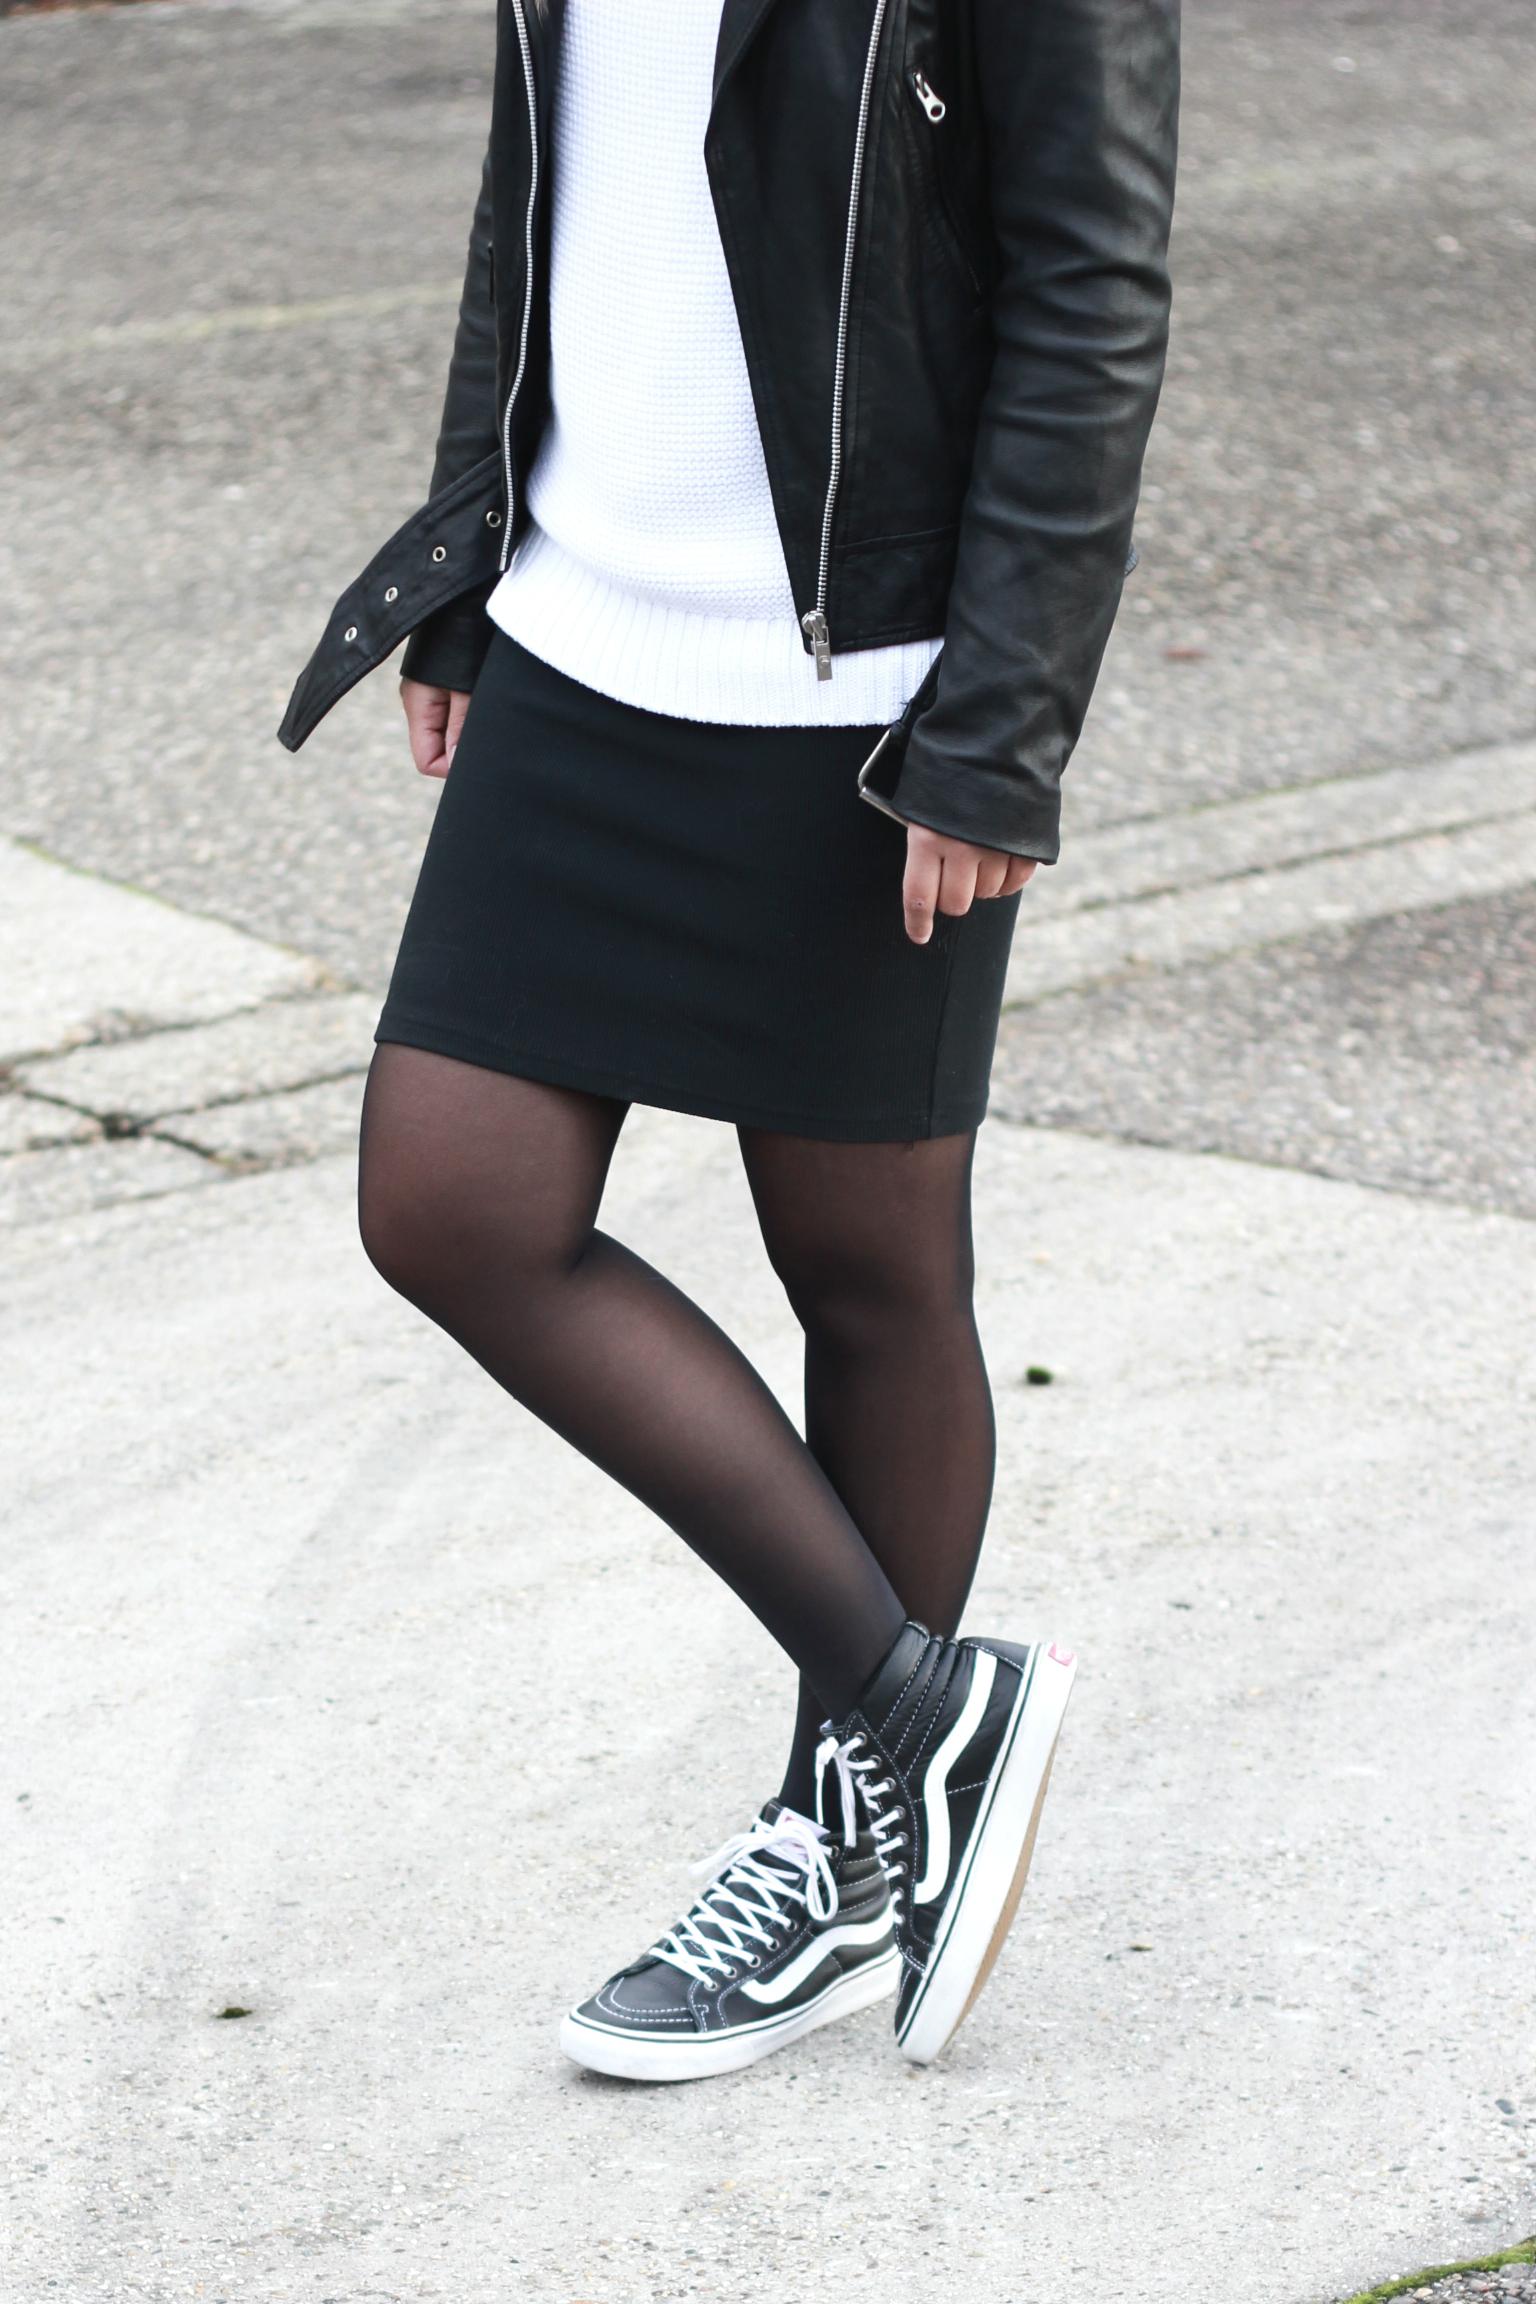 Vans Sk8 Hi Black Outfit projekt-fliedergarten.de